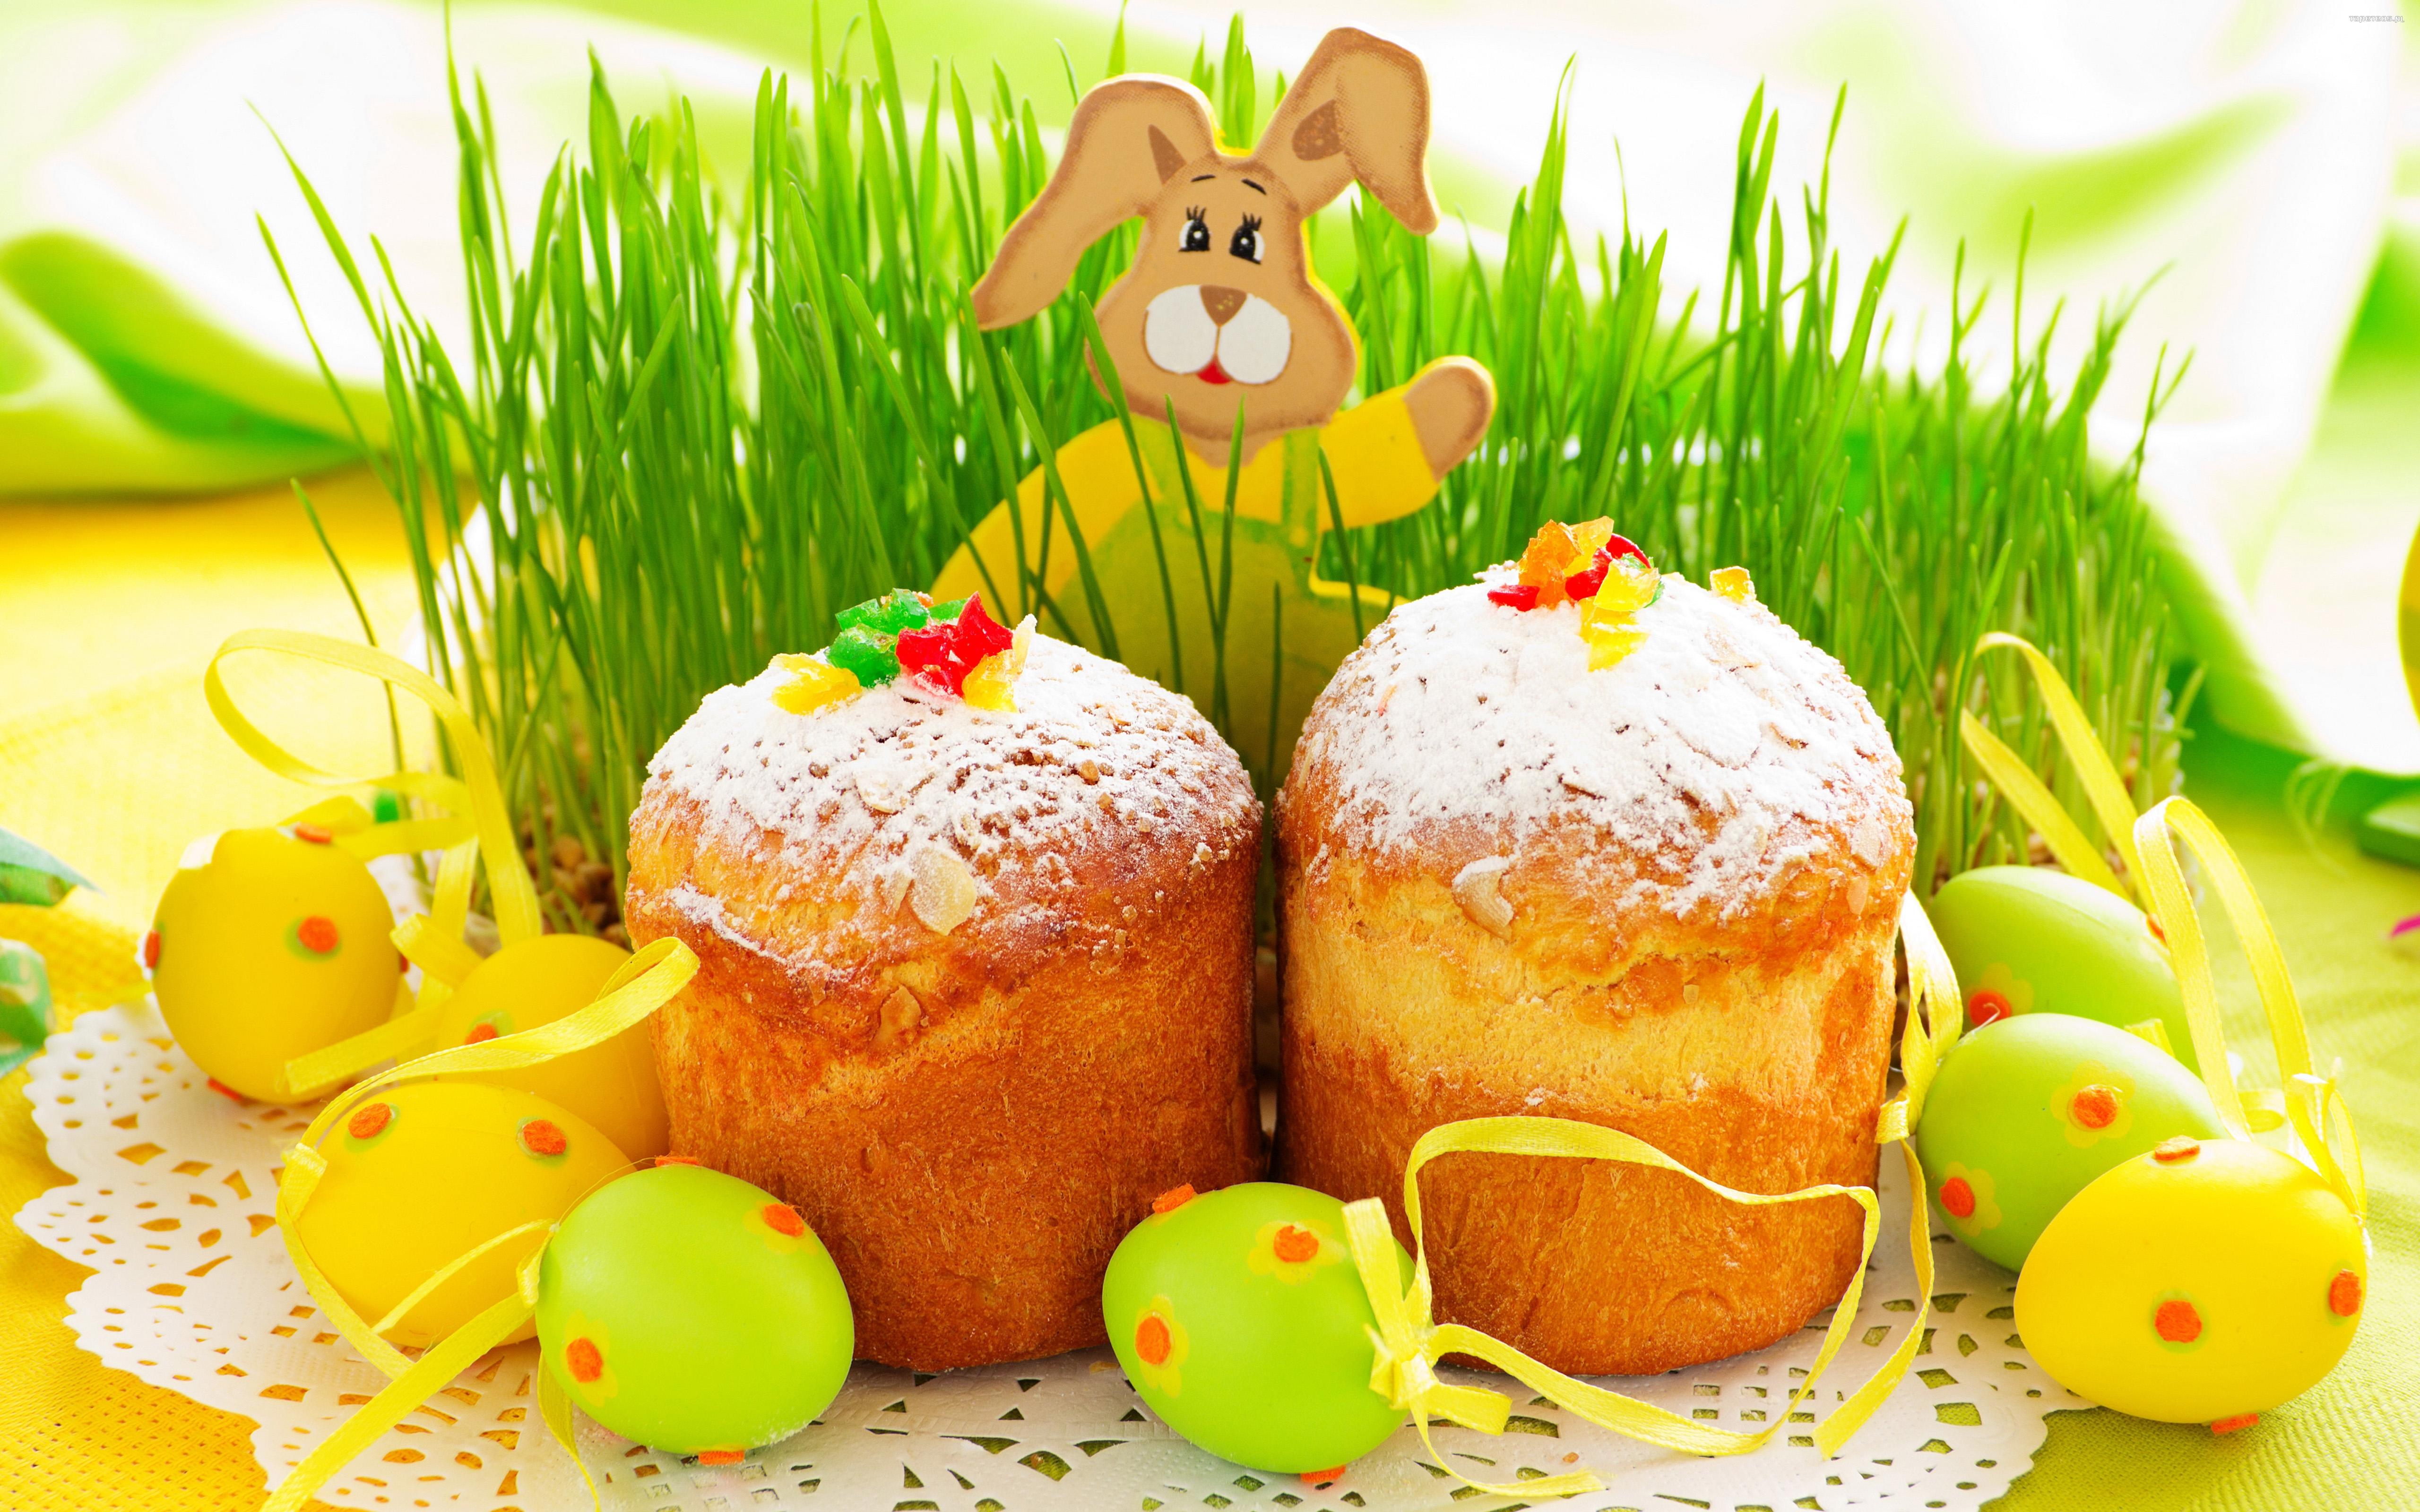 праздник пасха кулич яйца  № 2646771 загрузить